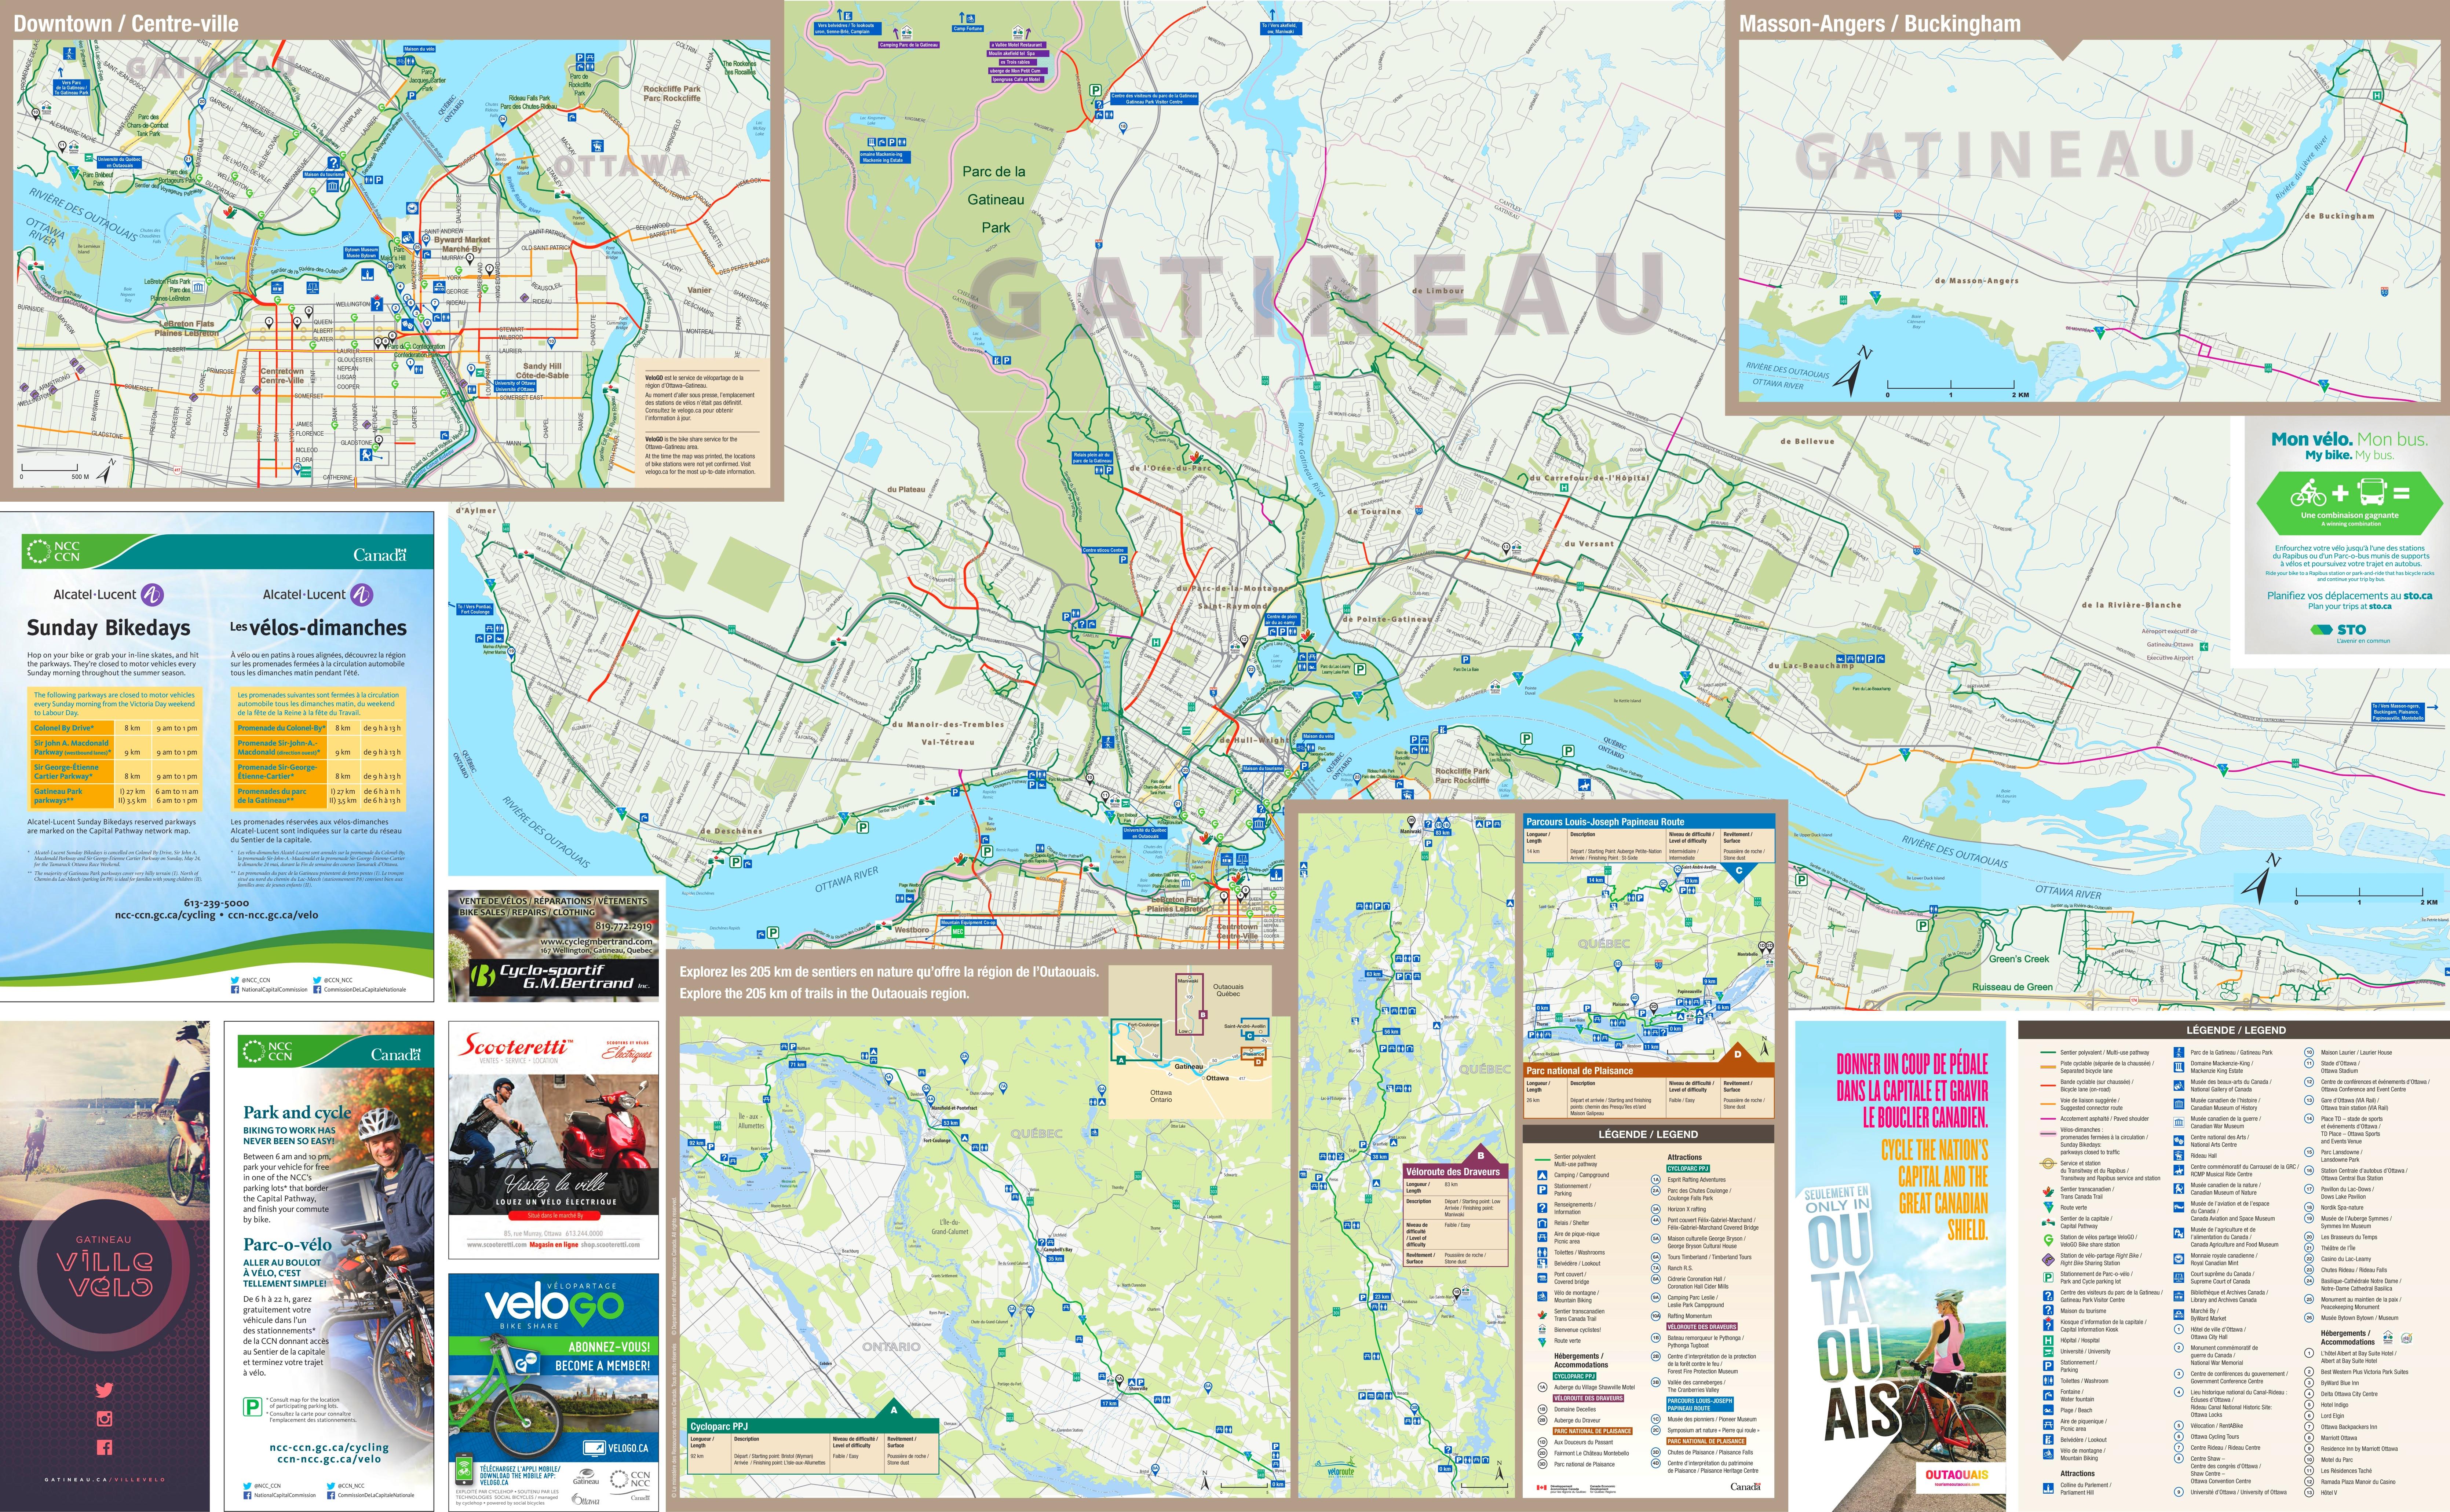 Gatineau cycling map